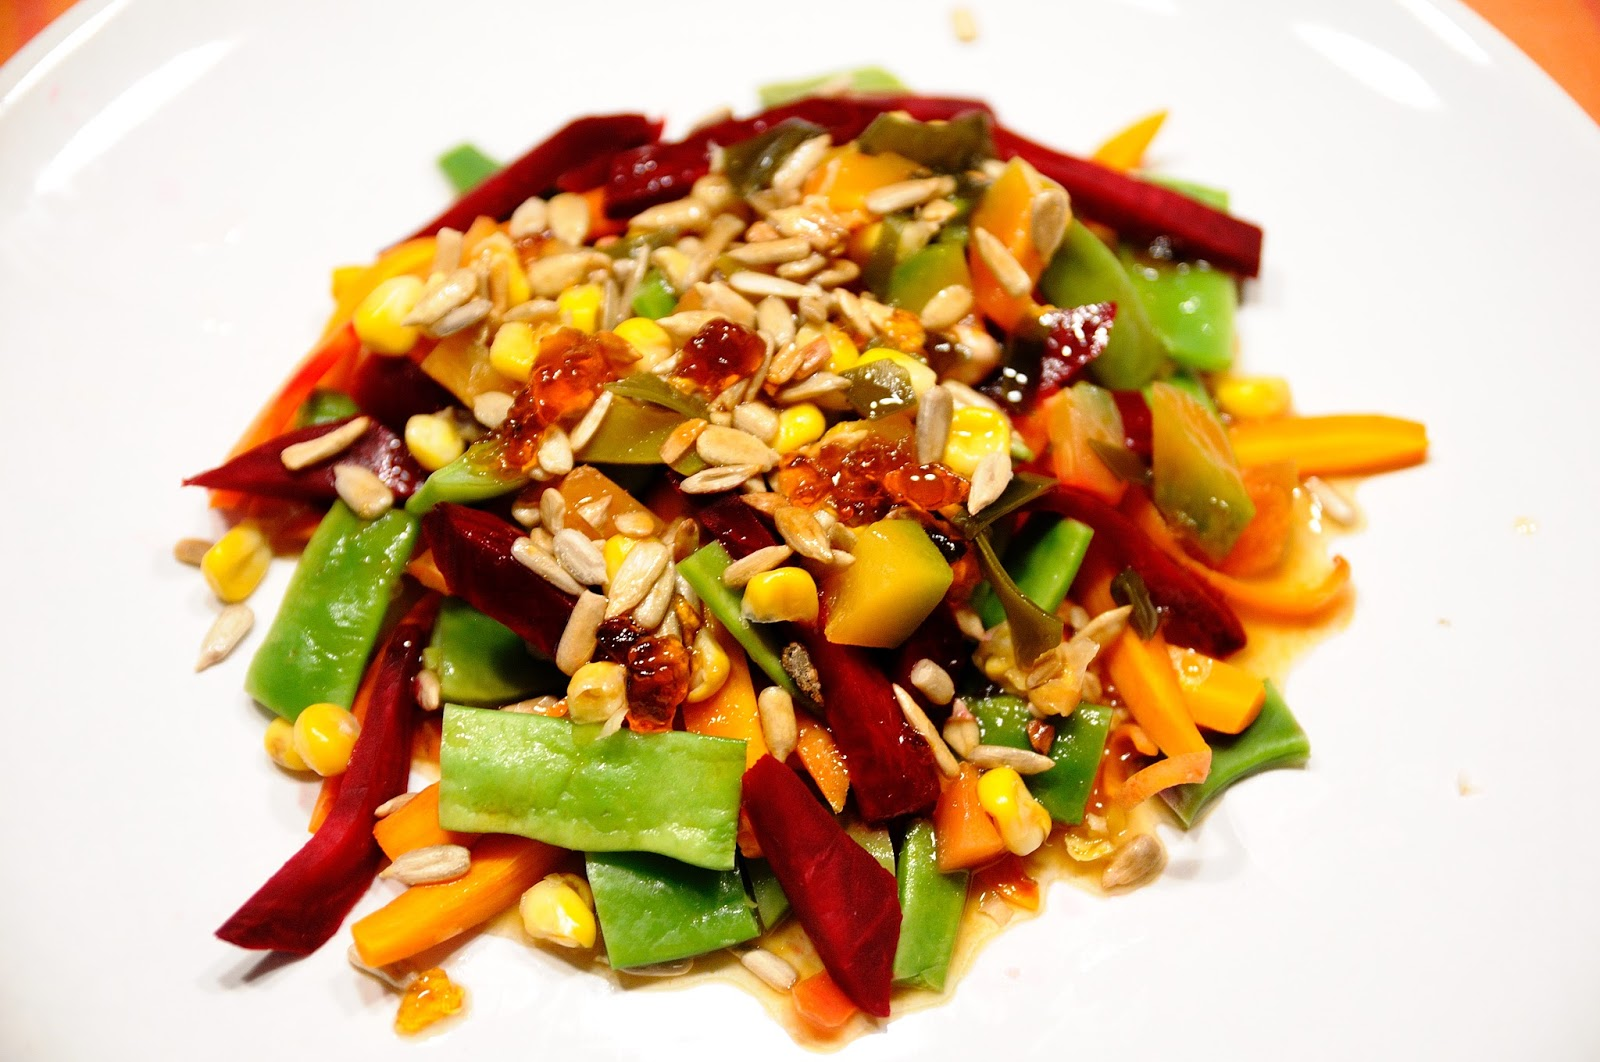 Ensalada de verduras al vapor cocinar para nutrir for Cocinar verduras al vapor